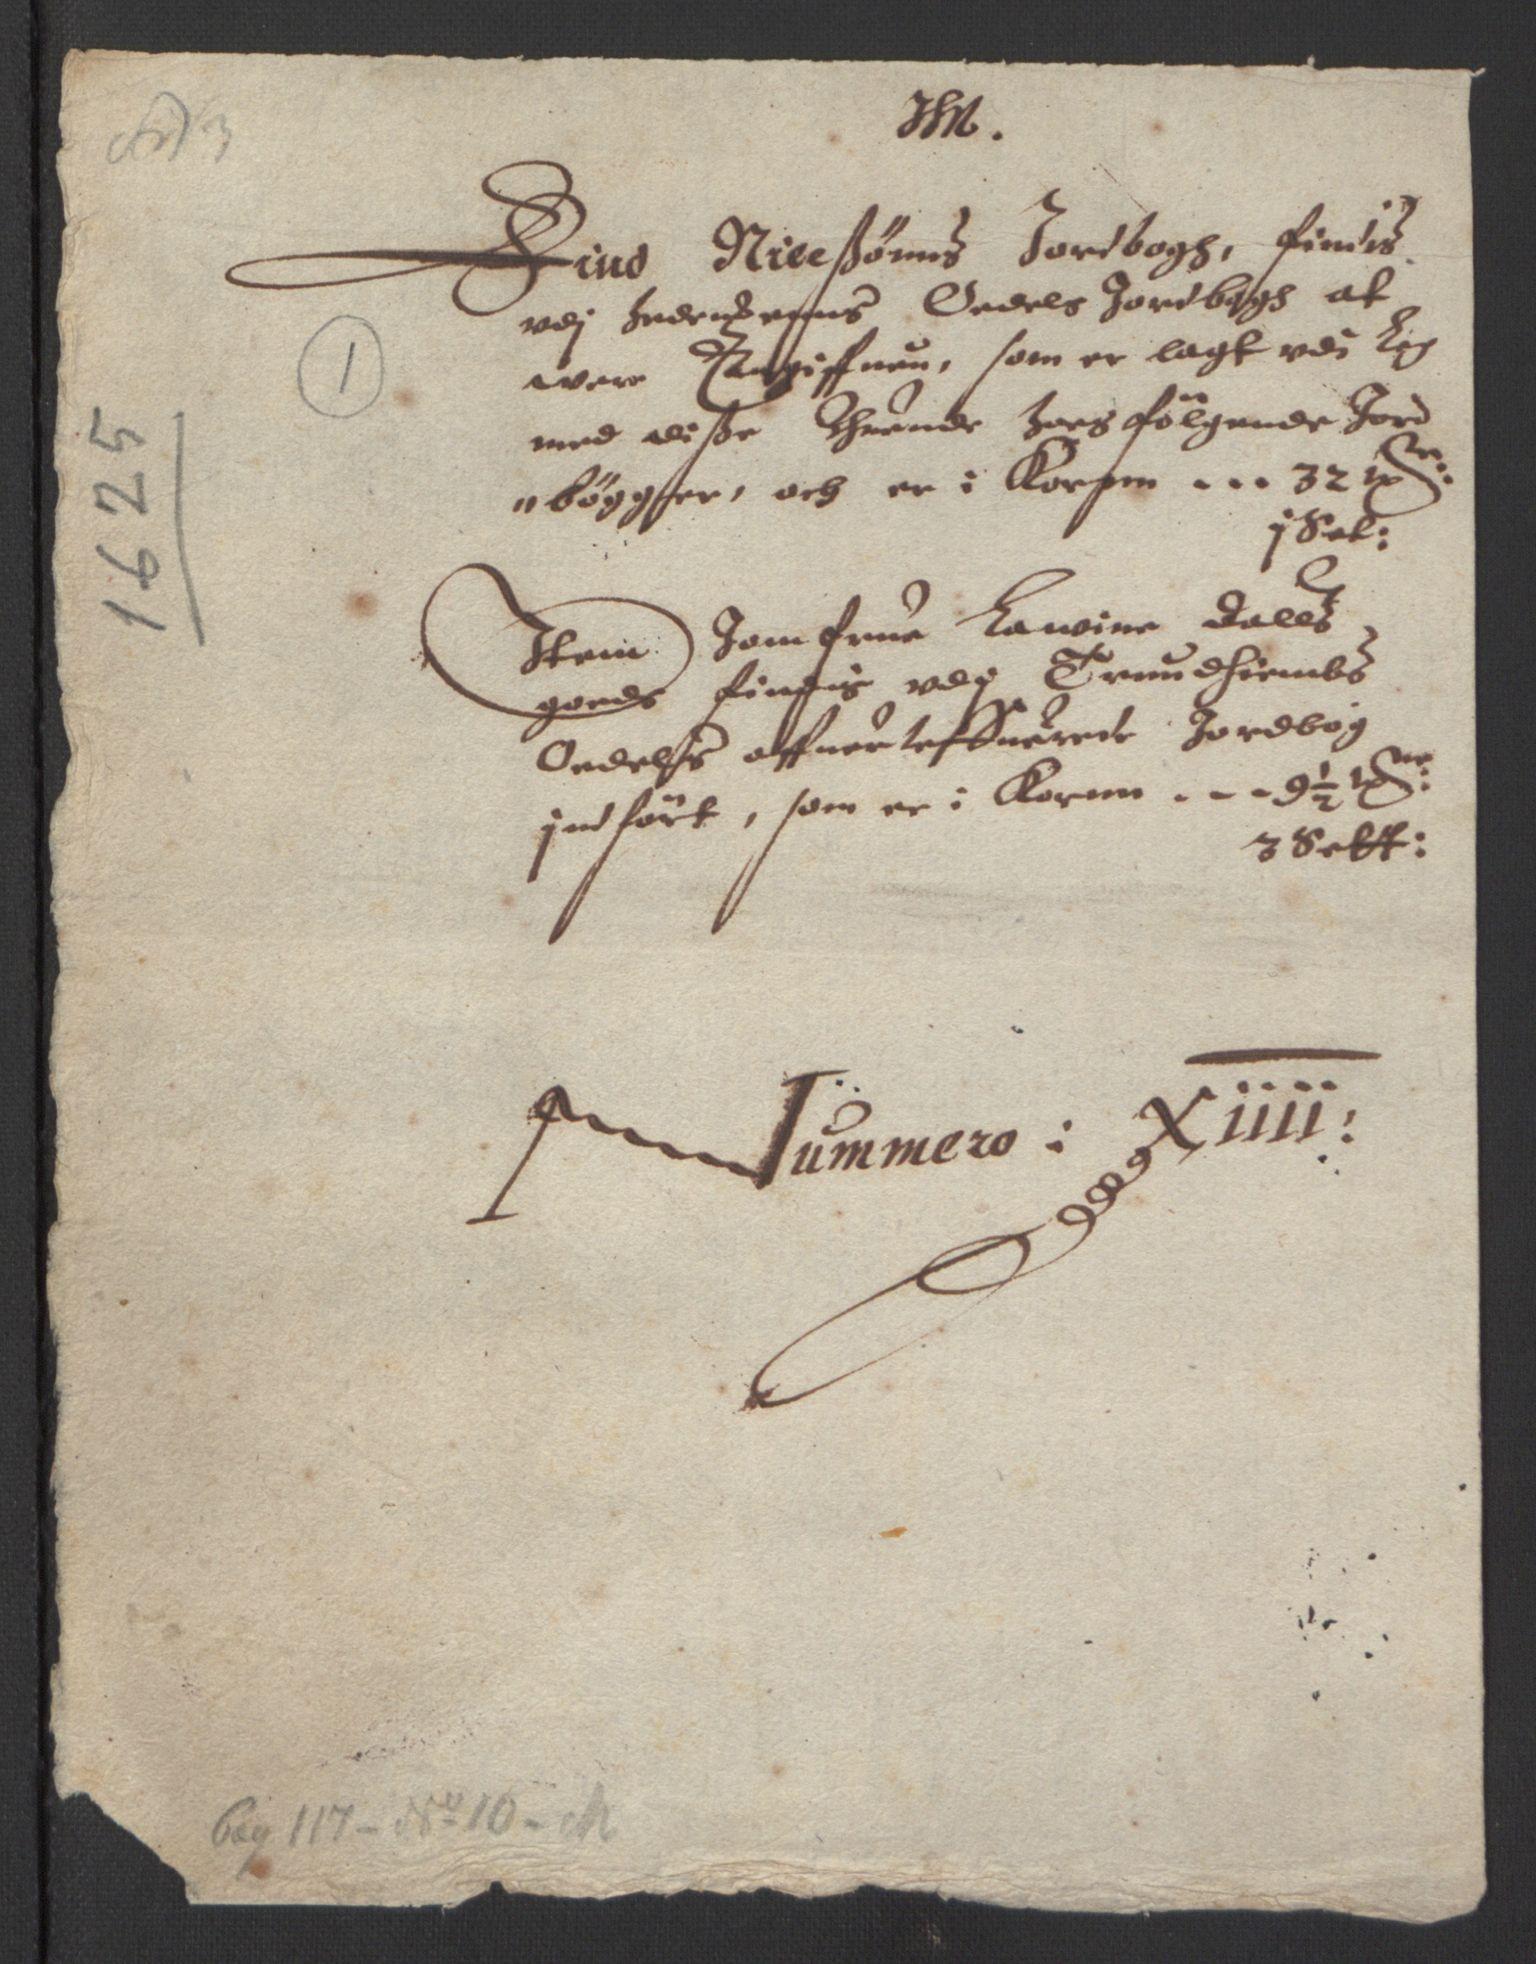 RA, Stattholderembetet 1572-1771, Ek/L0007: Jordebøker til utlikning av rosstjeneste 1624-1626:, 1624-1625, s. 317